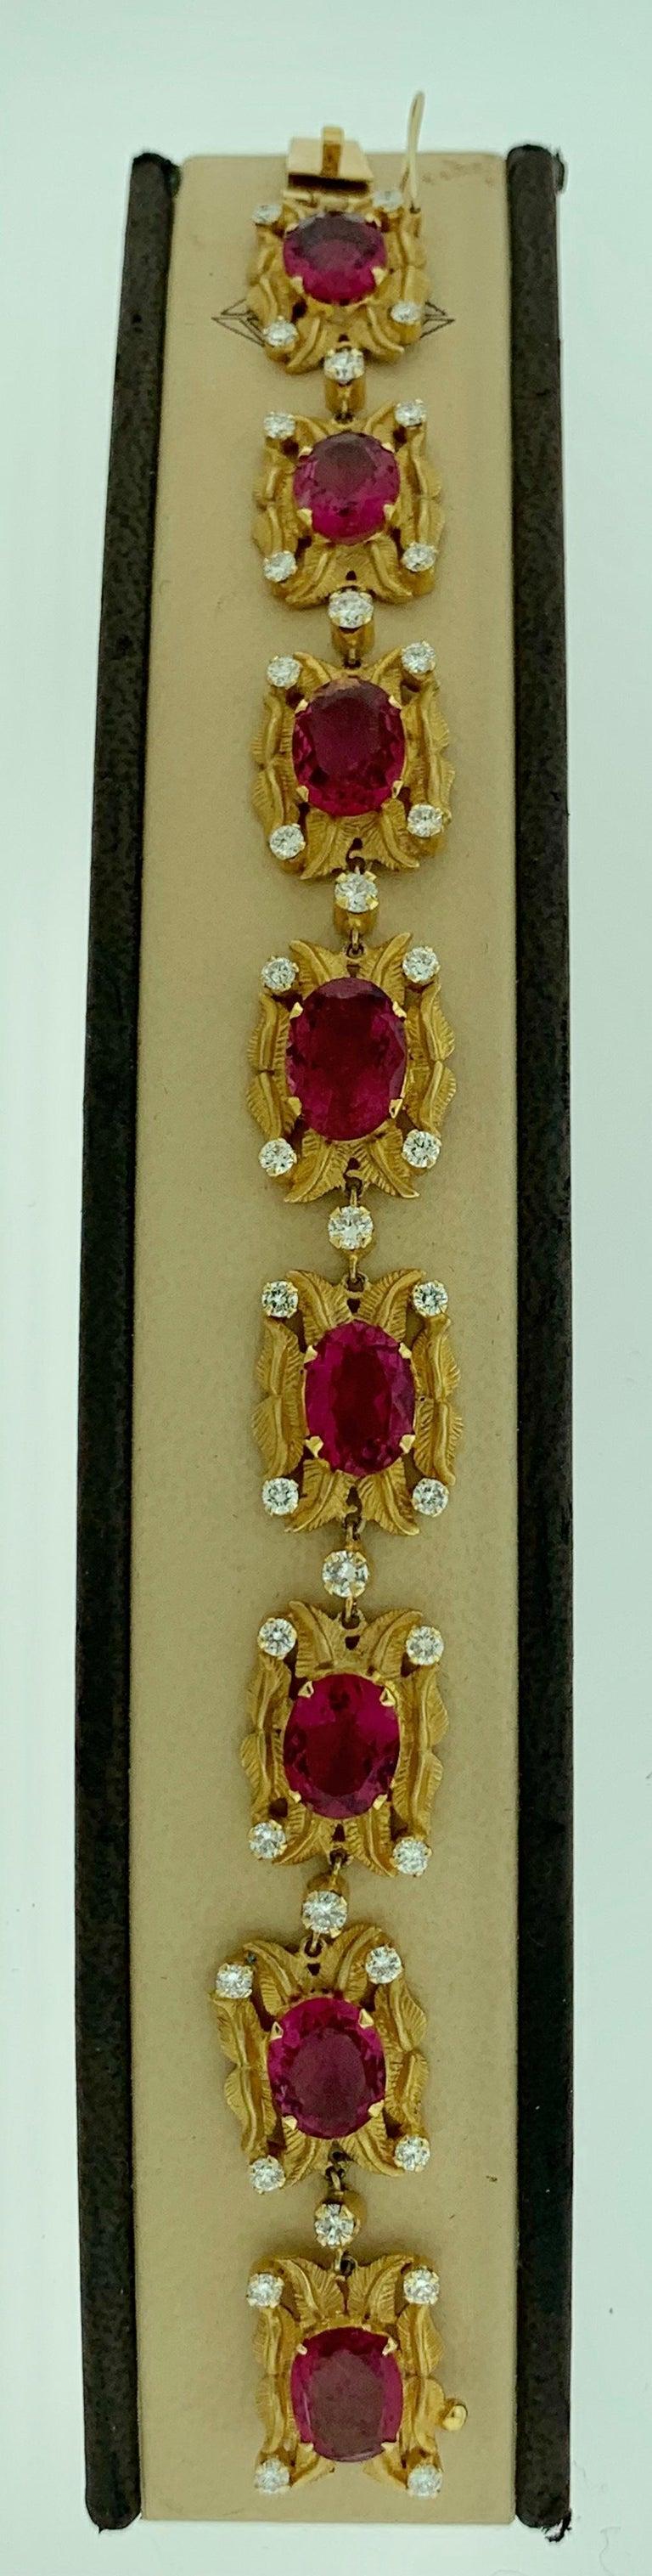 24 Carat Pink Tourmaline and 2.75 Carat Diamond Bracelet  18 Karat Yellow Gold For Sale 1